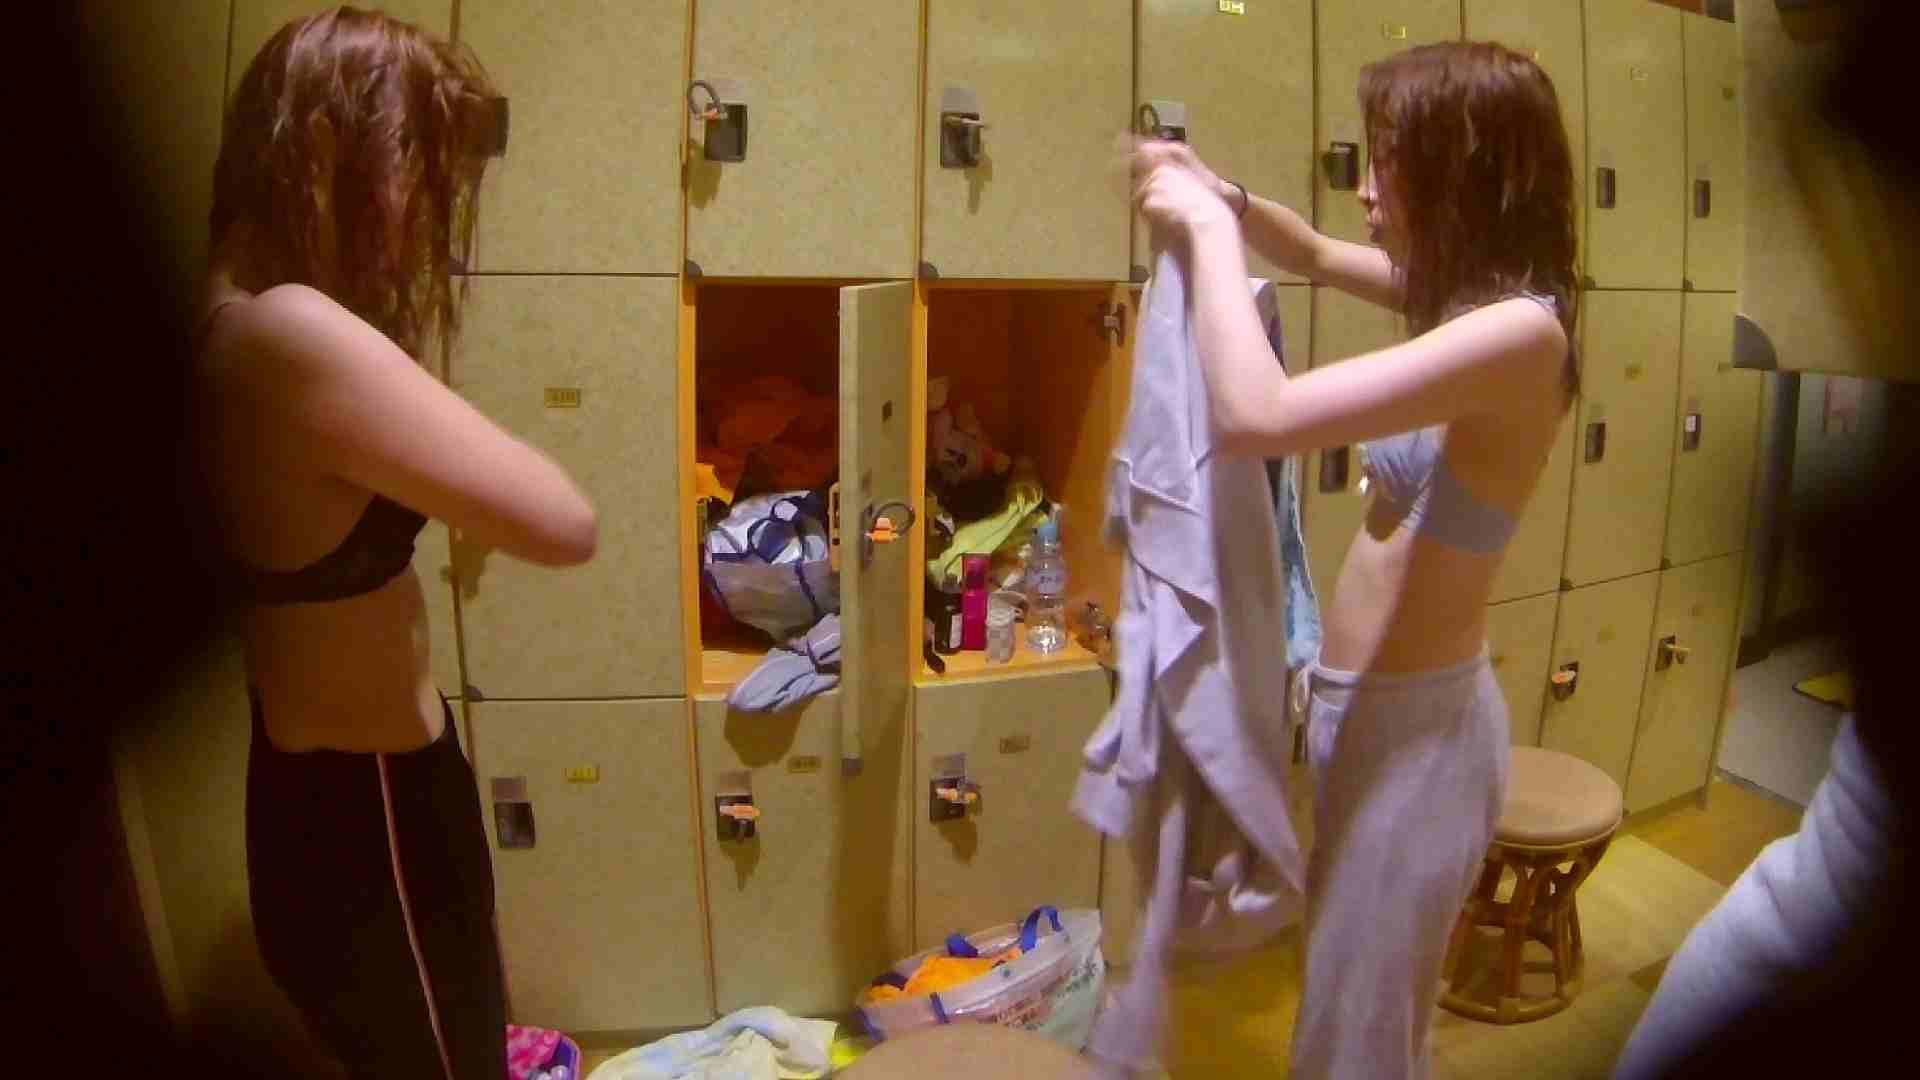 追い撮り!脱衣~洗い場、そして着替え、髪を乾かすまで完全追跡。 銭湯覗き 女性器鑑賞 108枚